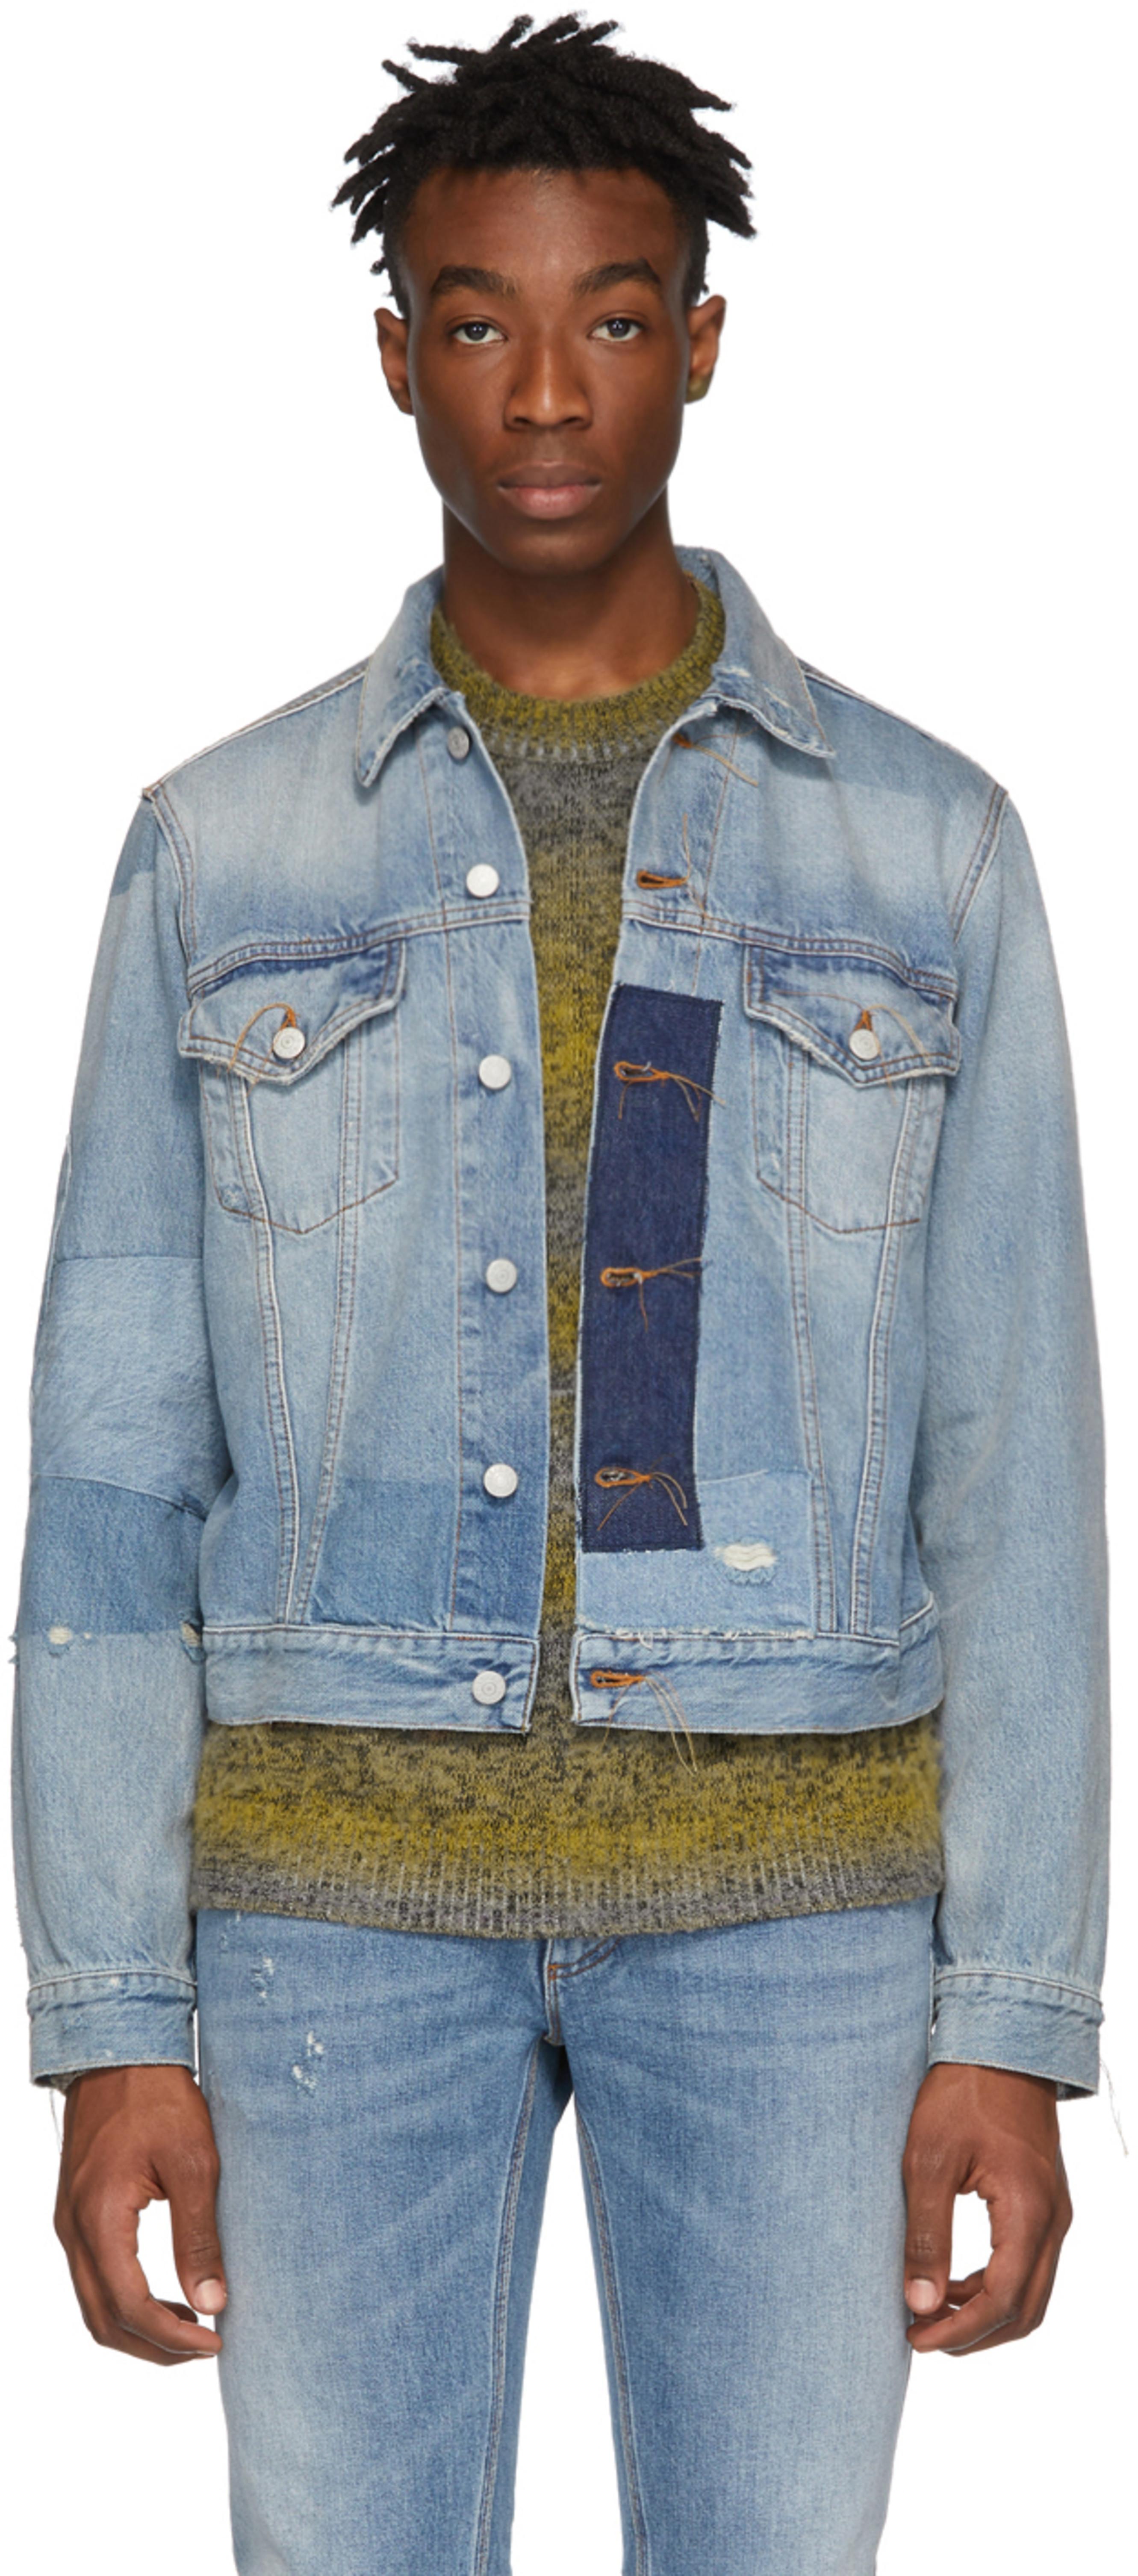 fa19b7dd4 靛蓝色Blå Konst 1998 复古牛仔夹克